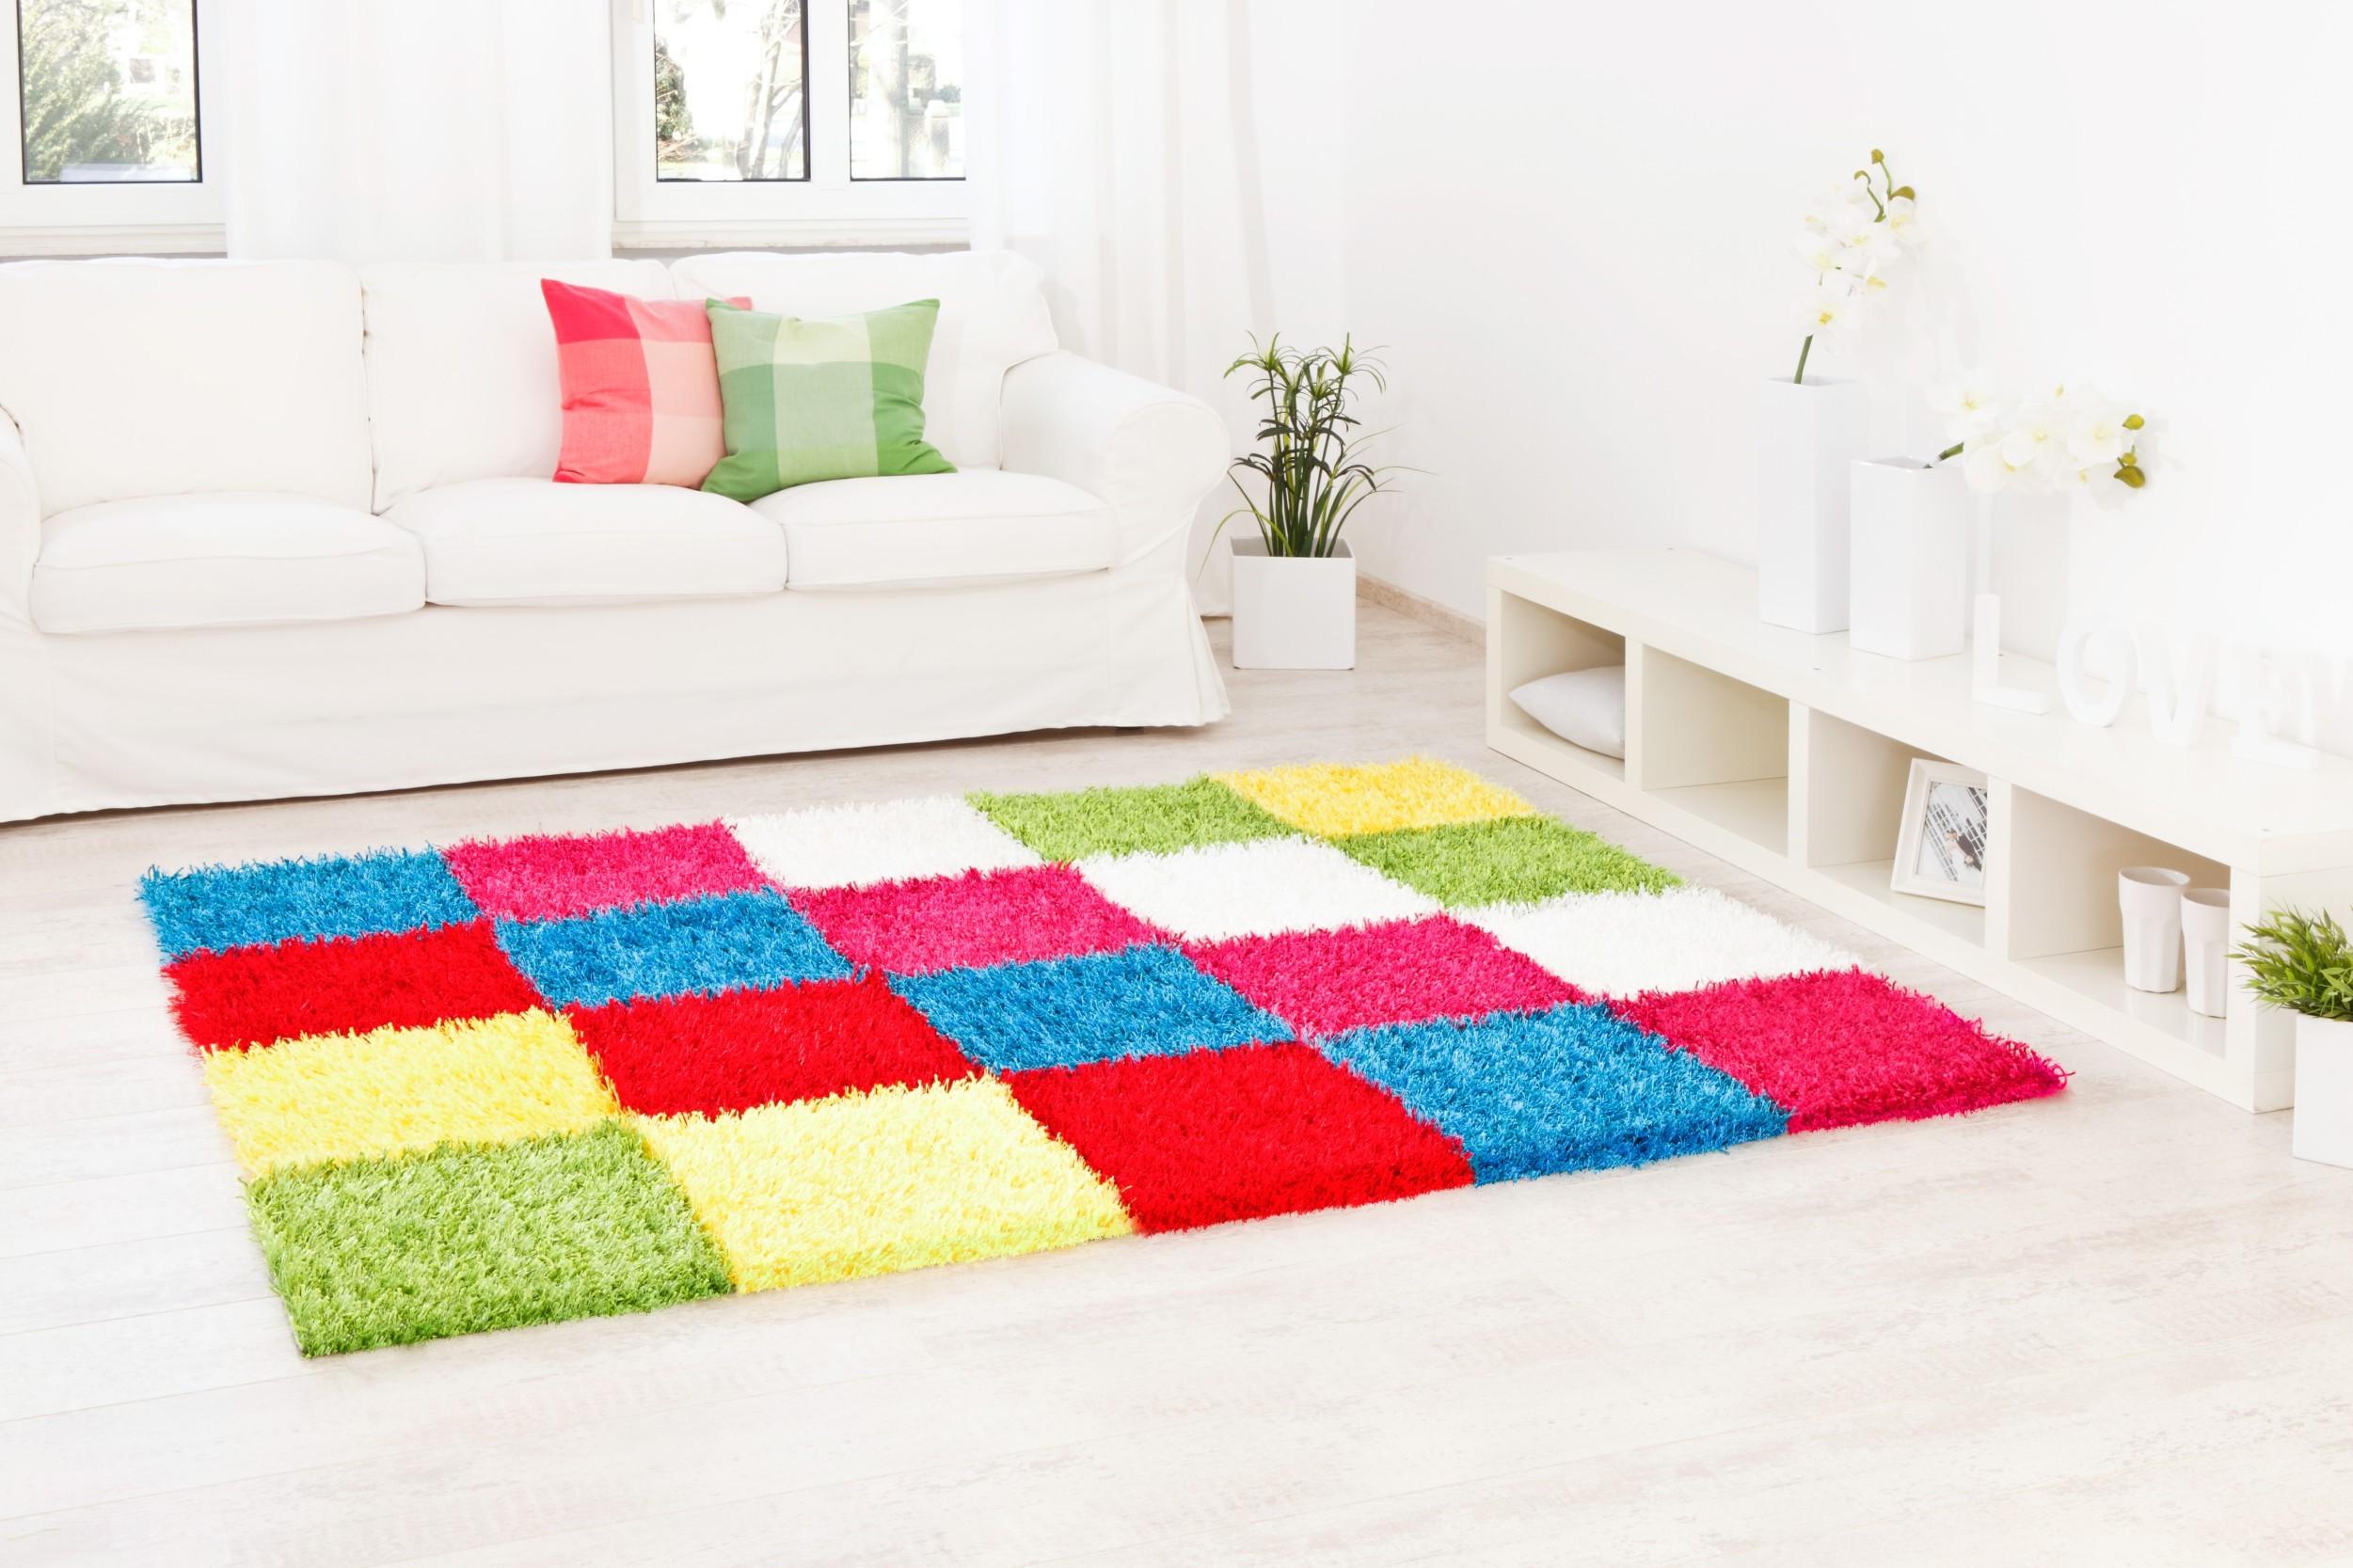 Teppich Al Mano Beispiel: diagonales Kachelmuster mit frischen bunten Farben (grün, gelb, rot, türkis, pink, weiß)